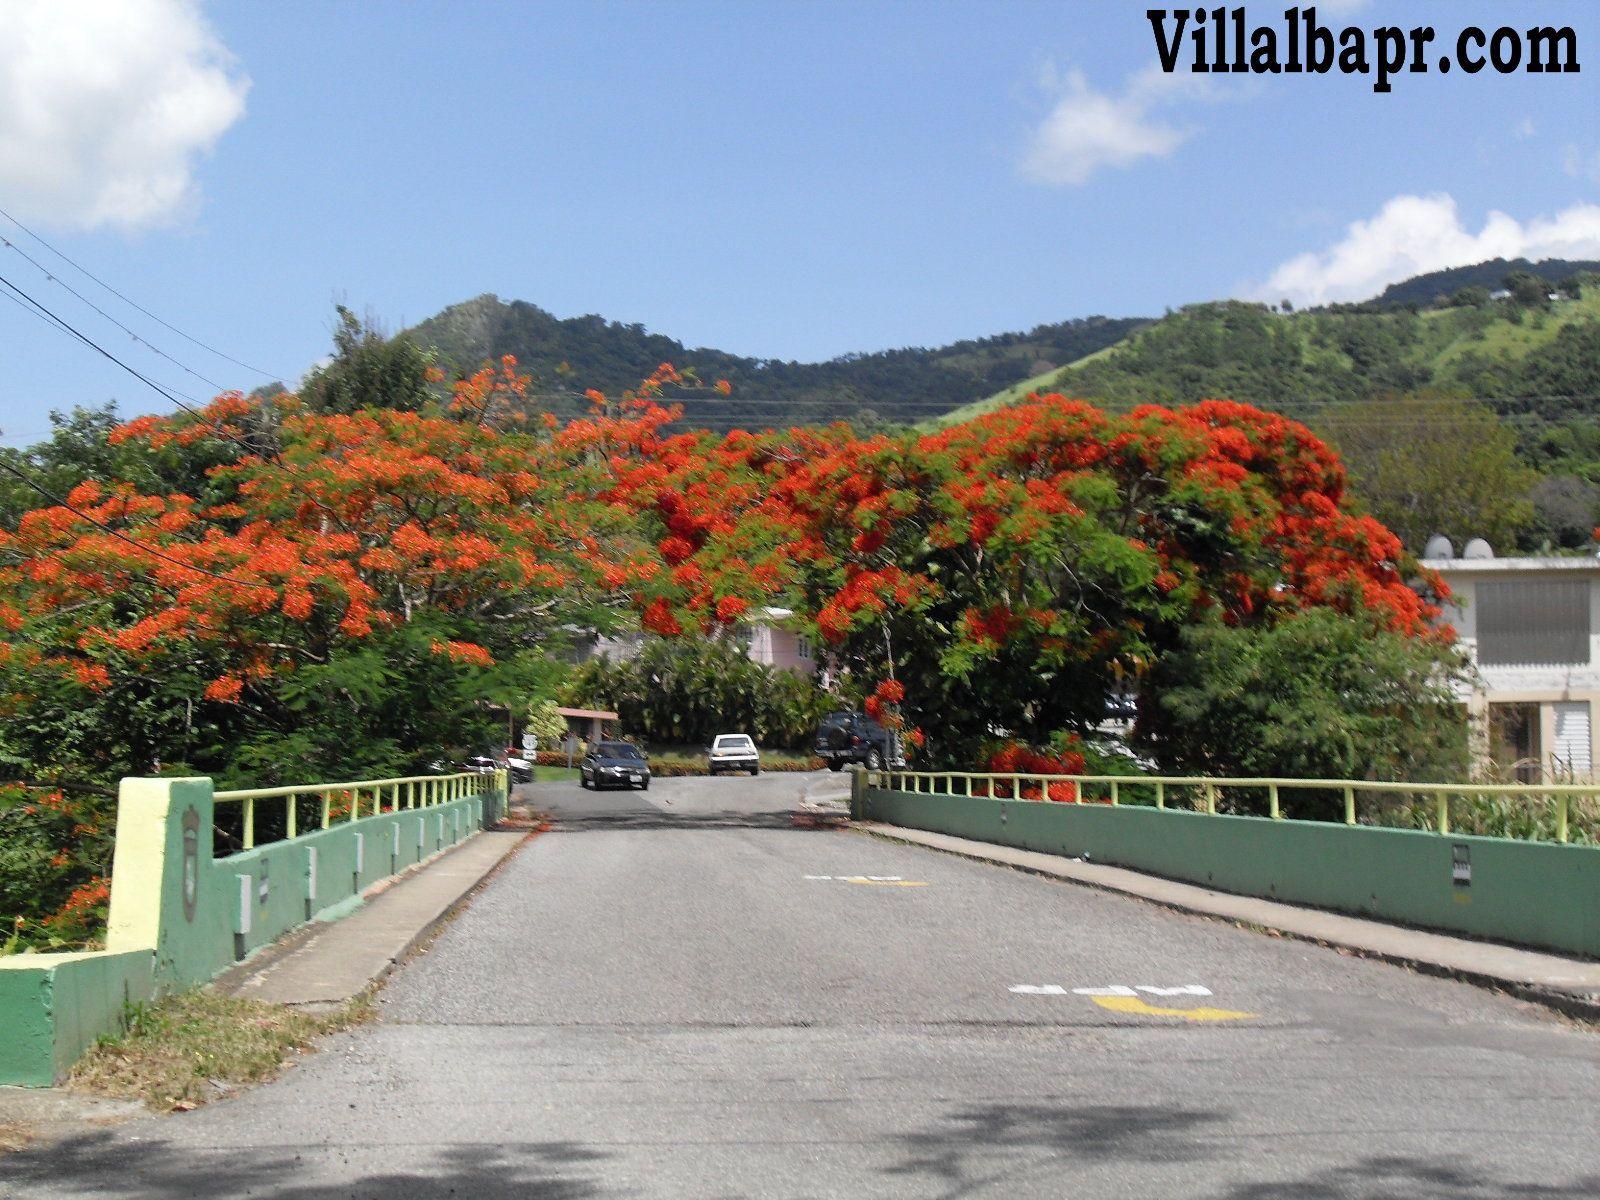 Image detail for -municipio de villalba puerto rico ...